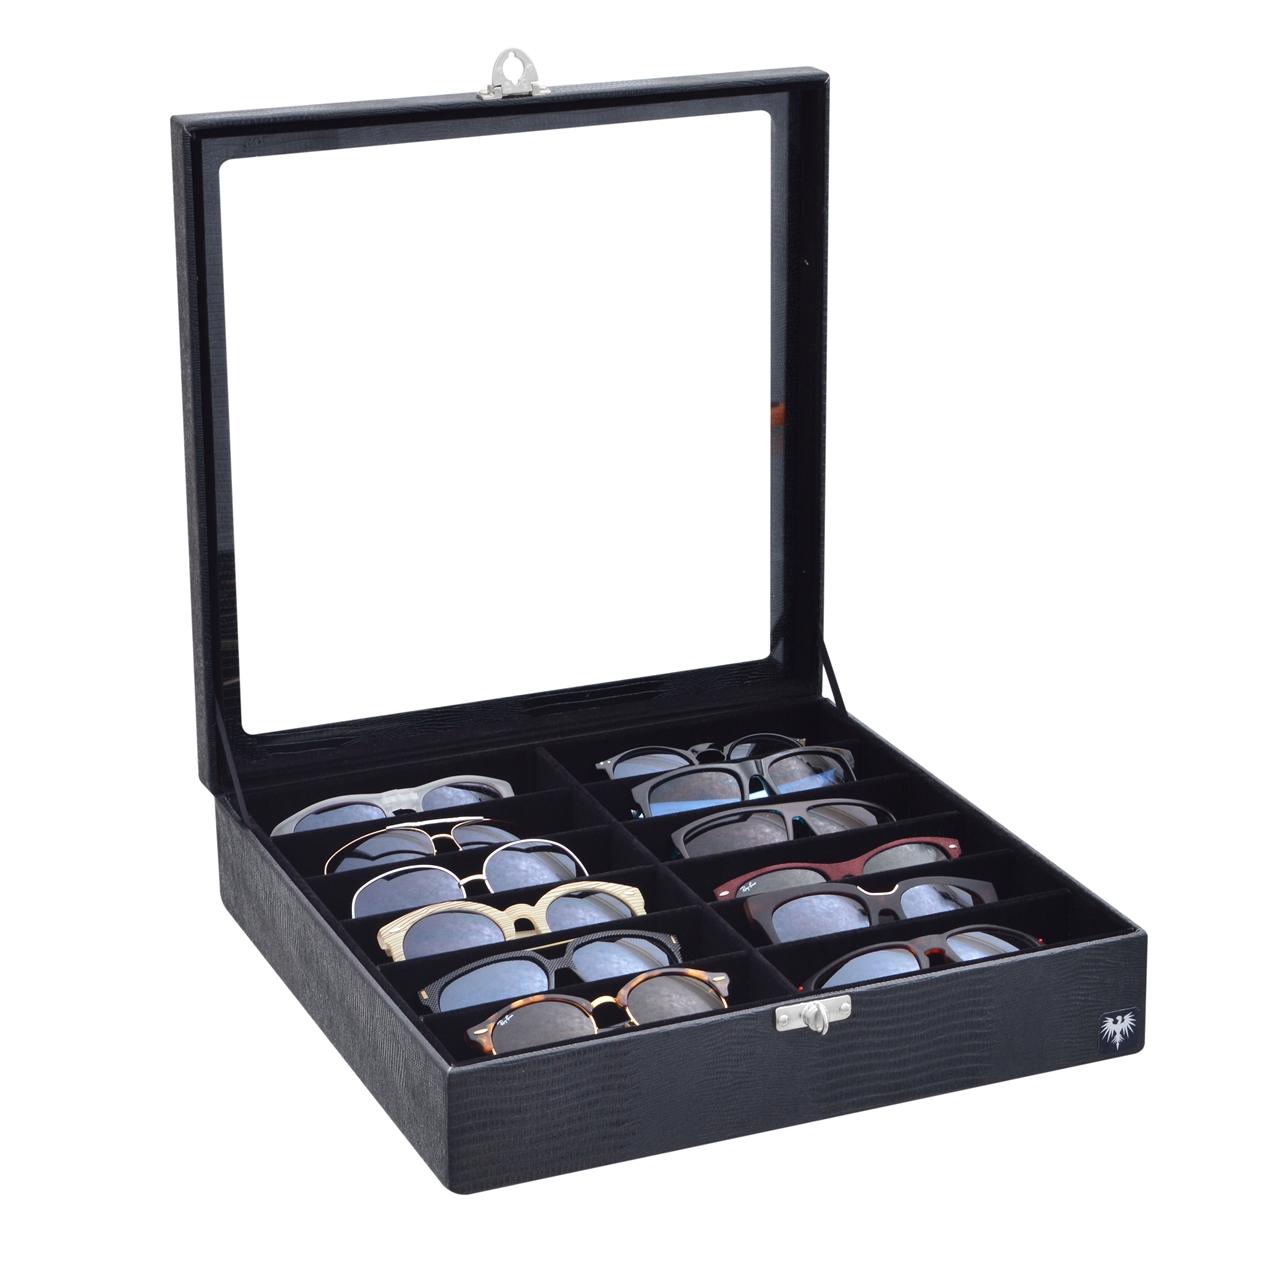 estojo-couro-ecologico-12-oculos-preto-preto-porta-caixa-imagem-2.JPG